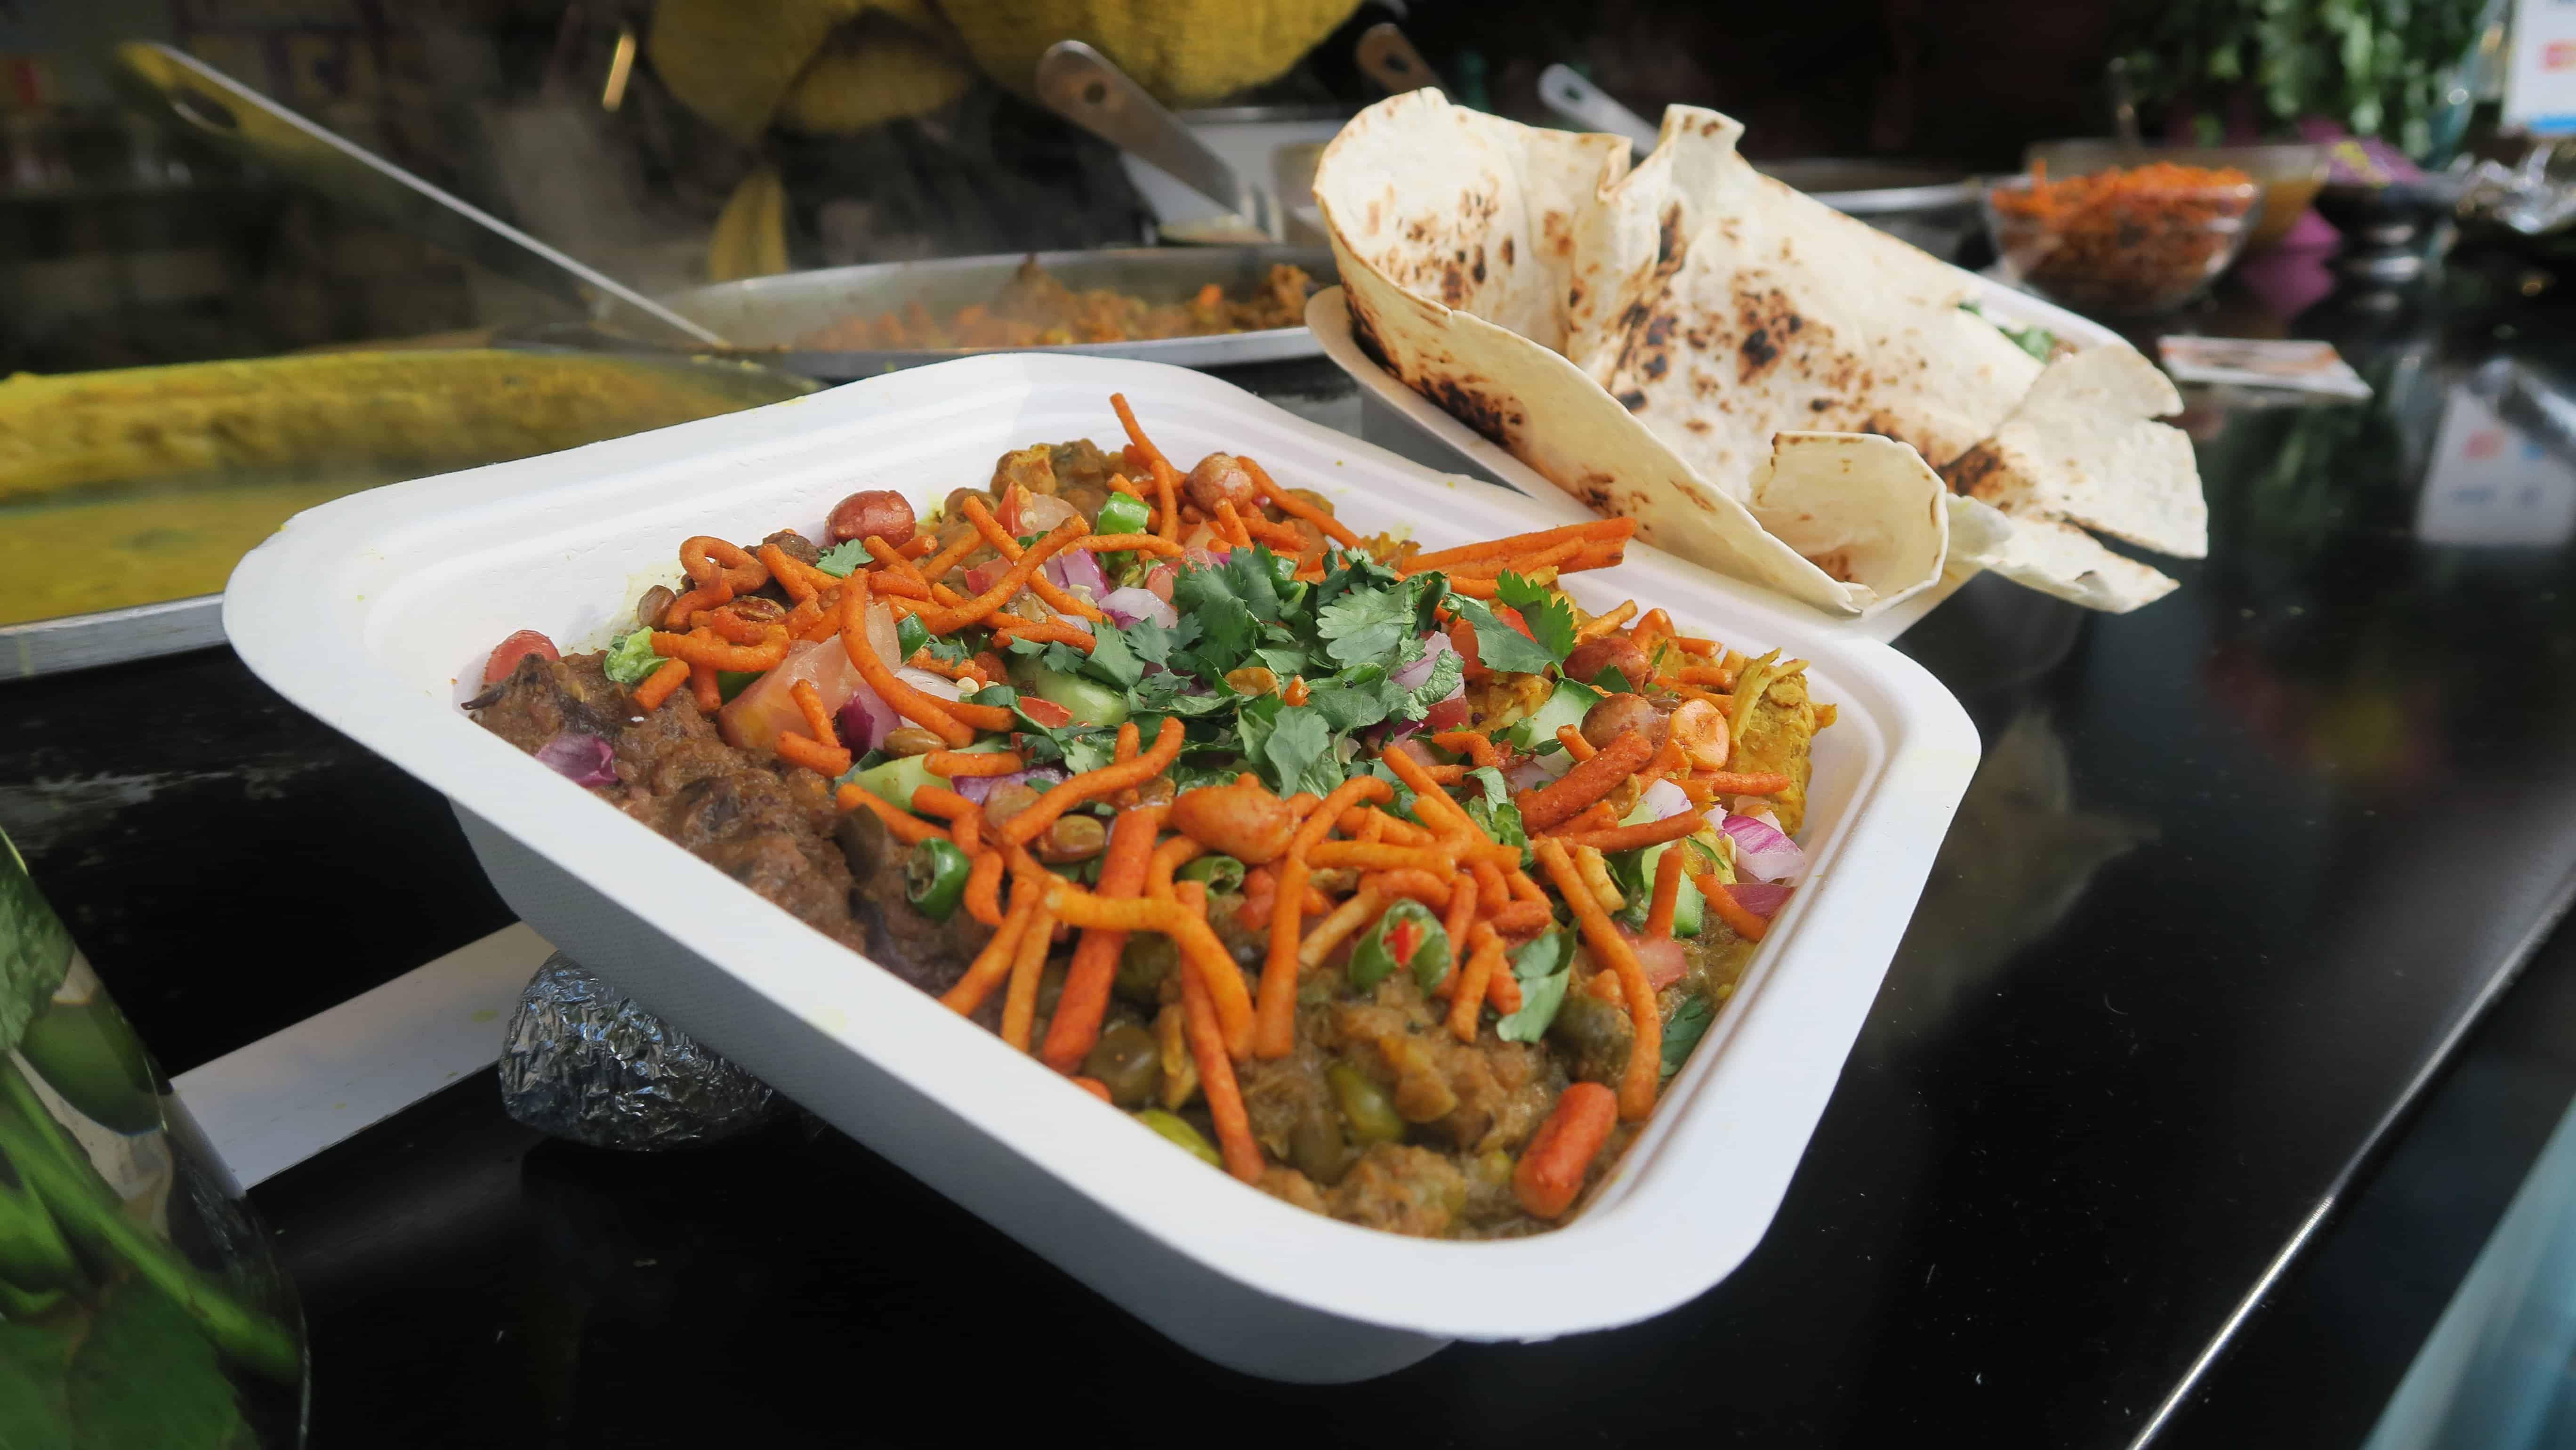 sonita's kitchen GLUTEN FREE CAMDEN LONDON 11